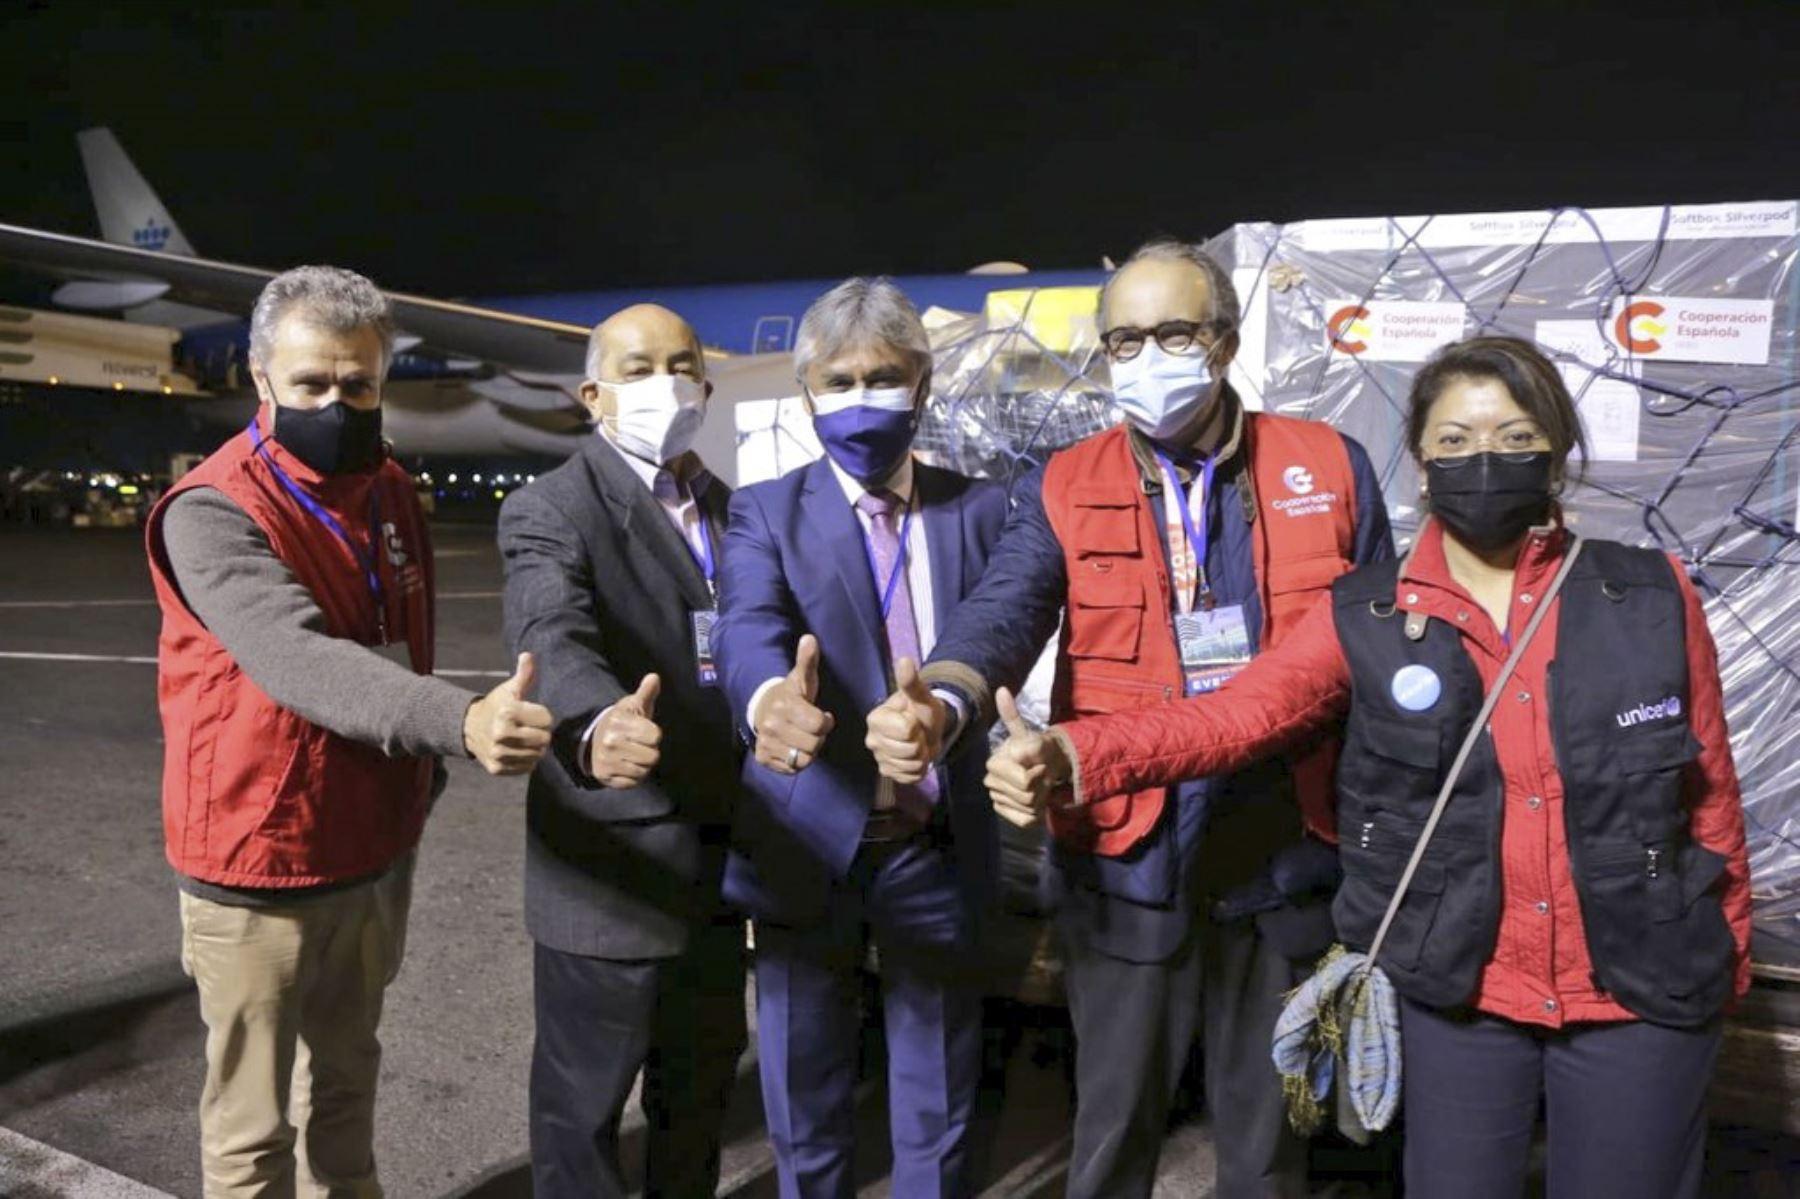 Esta noche, un nuevo lote de 101 760 vacunas contra la Covid-19 llegó al país para continuar con el proceso de vacunación en todo el territorio peruano. El viceministro de Prestaciones y Aseguramiento en Salud, Bernardo Ostos; el ministro consejero de la Embajada de España, Gonzalo Quintero; la representante adjunta de UNICEF, Laura Salamanca; y el Dr. Julio Castro, del equipo de gestión del MINSA, supervisaron la llegada. Las dosis de AstraZeneca fueron donadas por España a través de Covax Facility para reforzar la protección de la población. Foto: ANDINA/Minsa